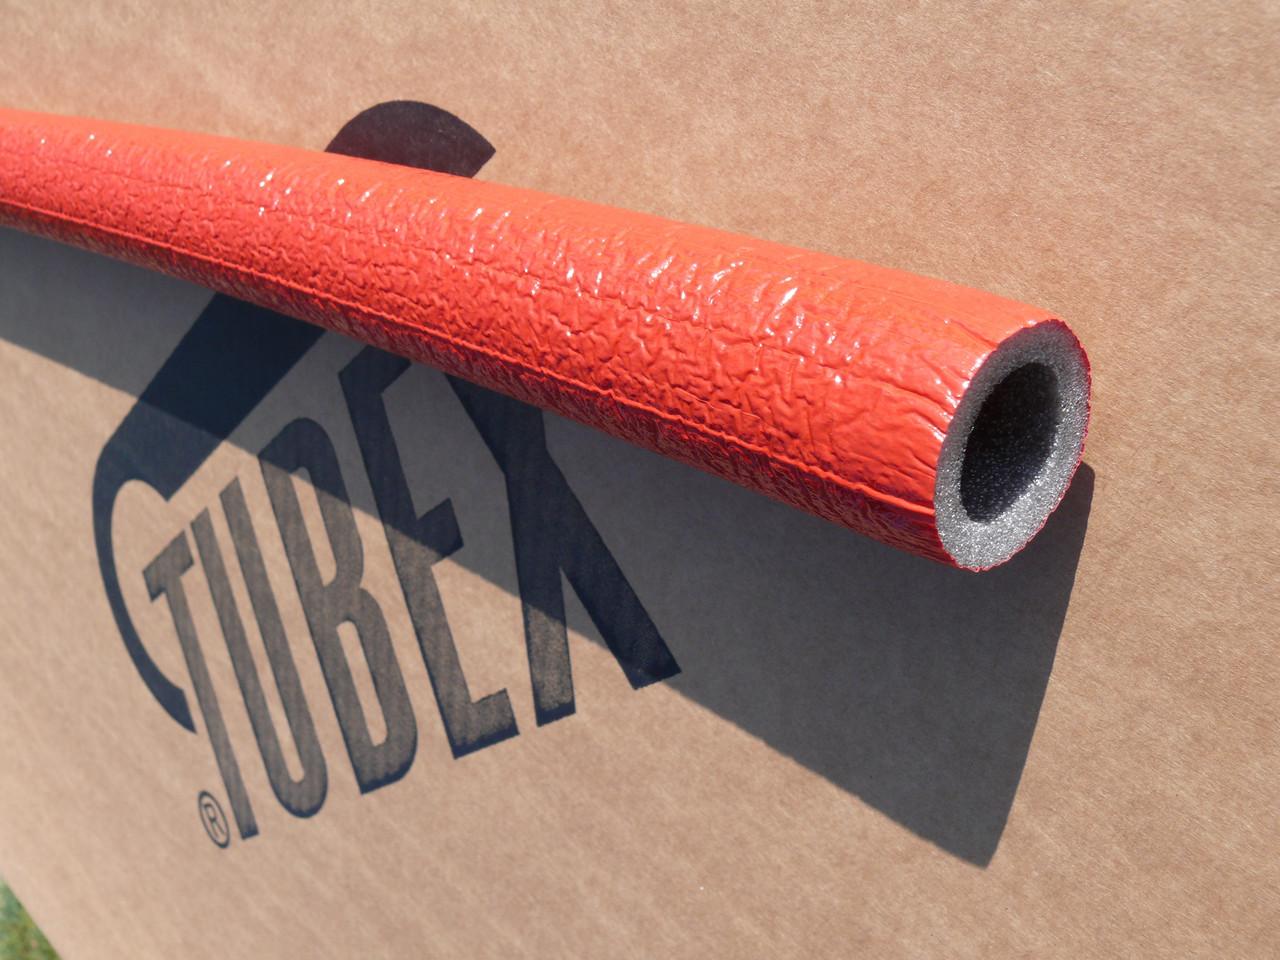 ІЗОЛЯЦІЯ ДЛЯ ТРУБ TUBEX® Protekt, внутрішній діаметр 22 мм, товщина стінки 6 мм, виробник Чехія